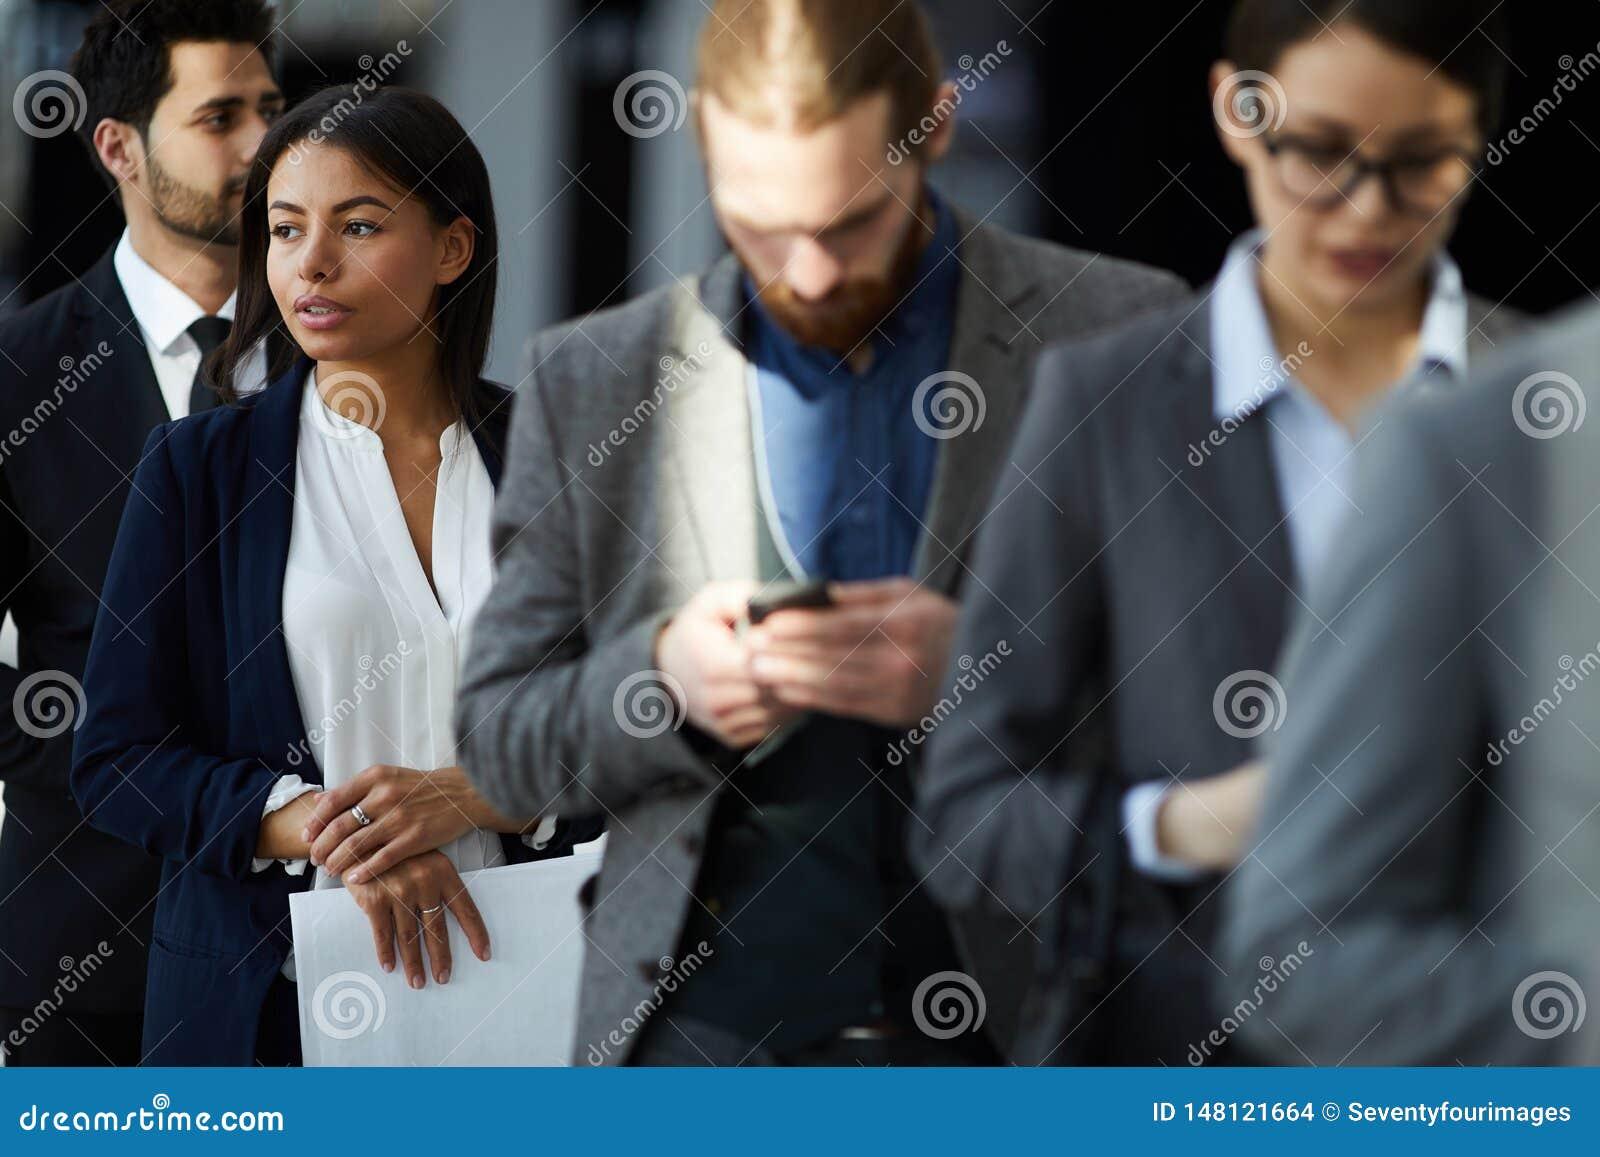 Grupo de hombres de negocios multiétnico en línea